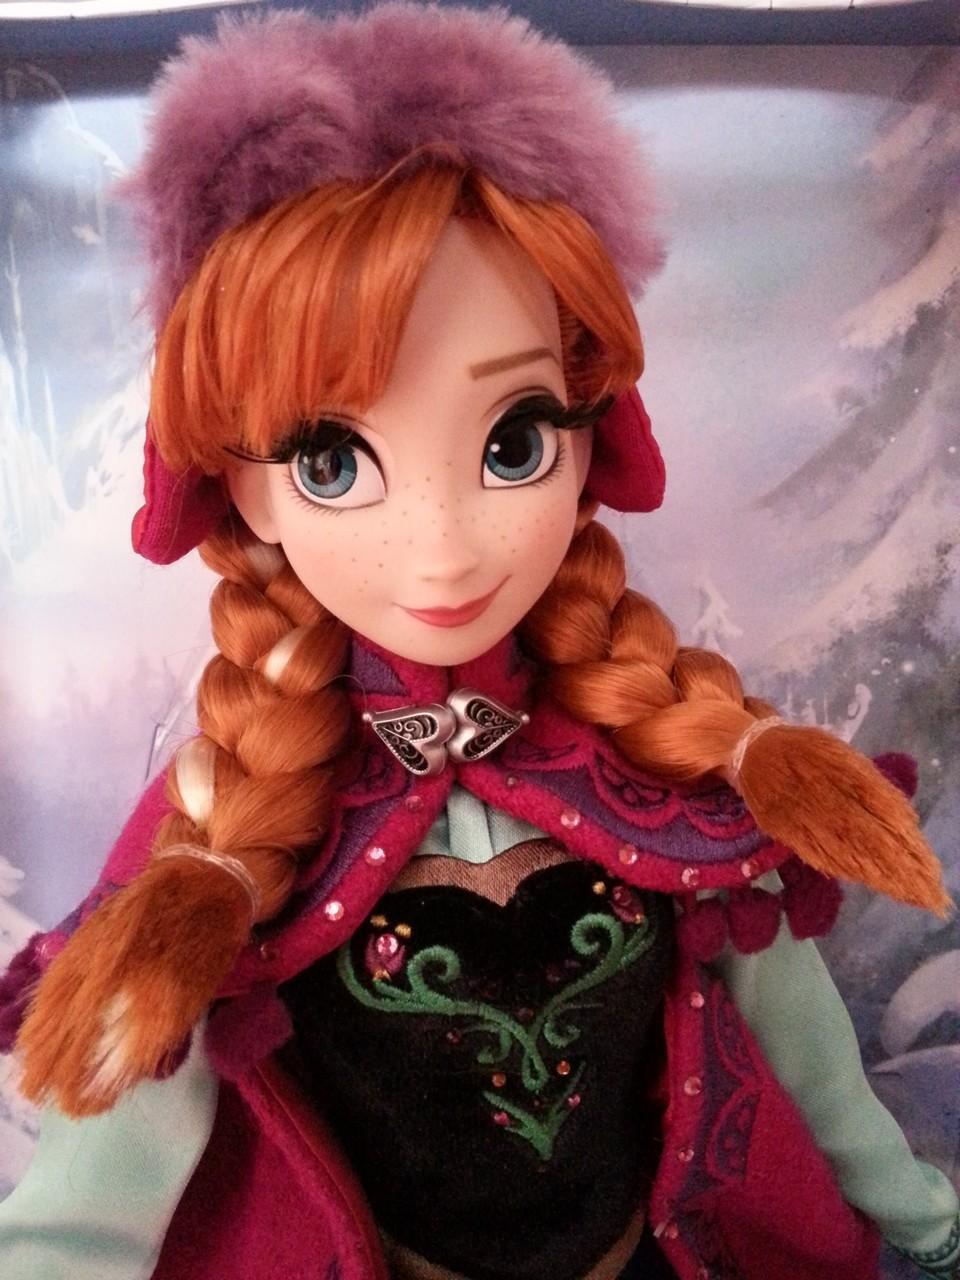 Disney Store Poupées Limited Edition 17'' (depuis 2009) 150509050315230854